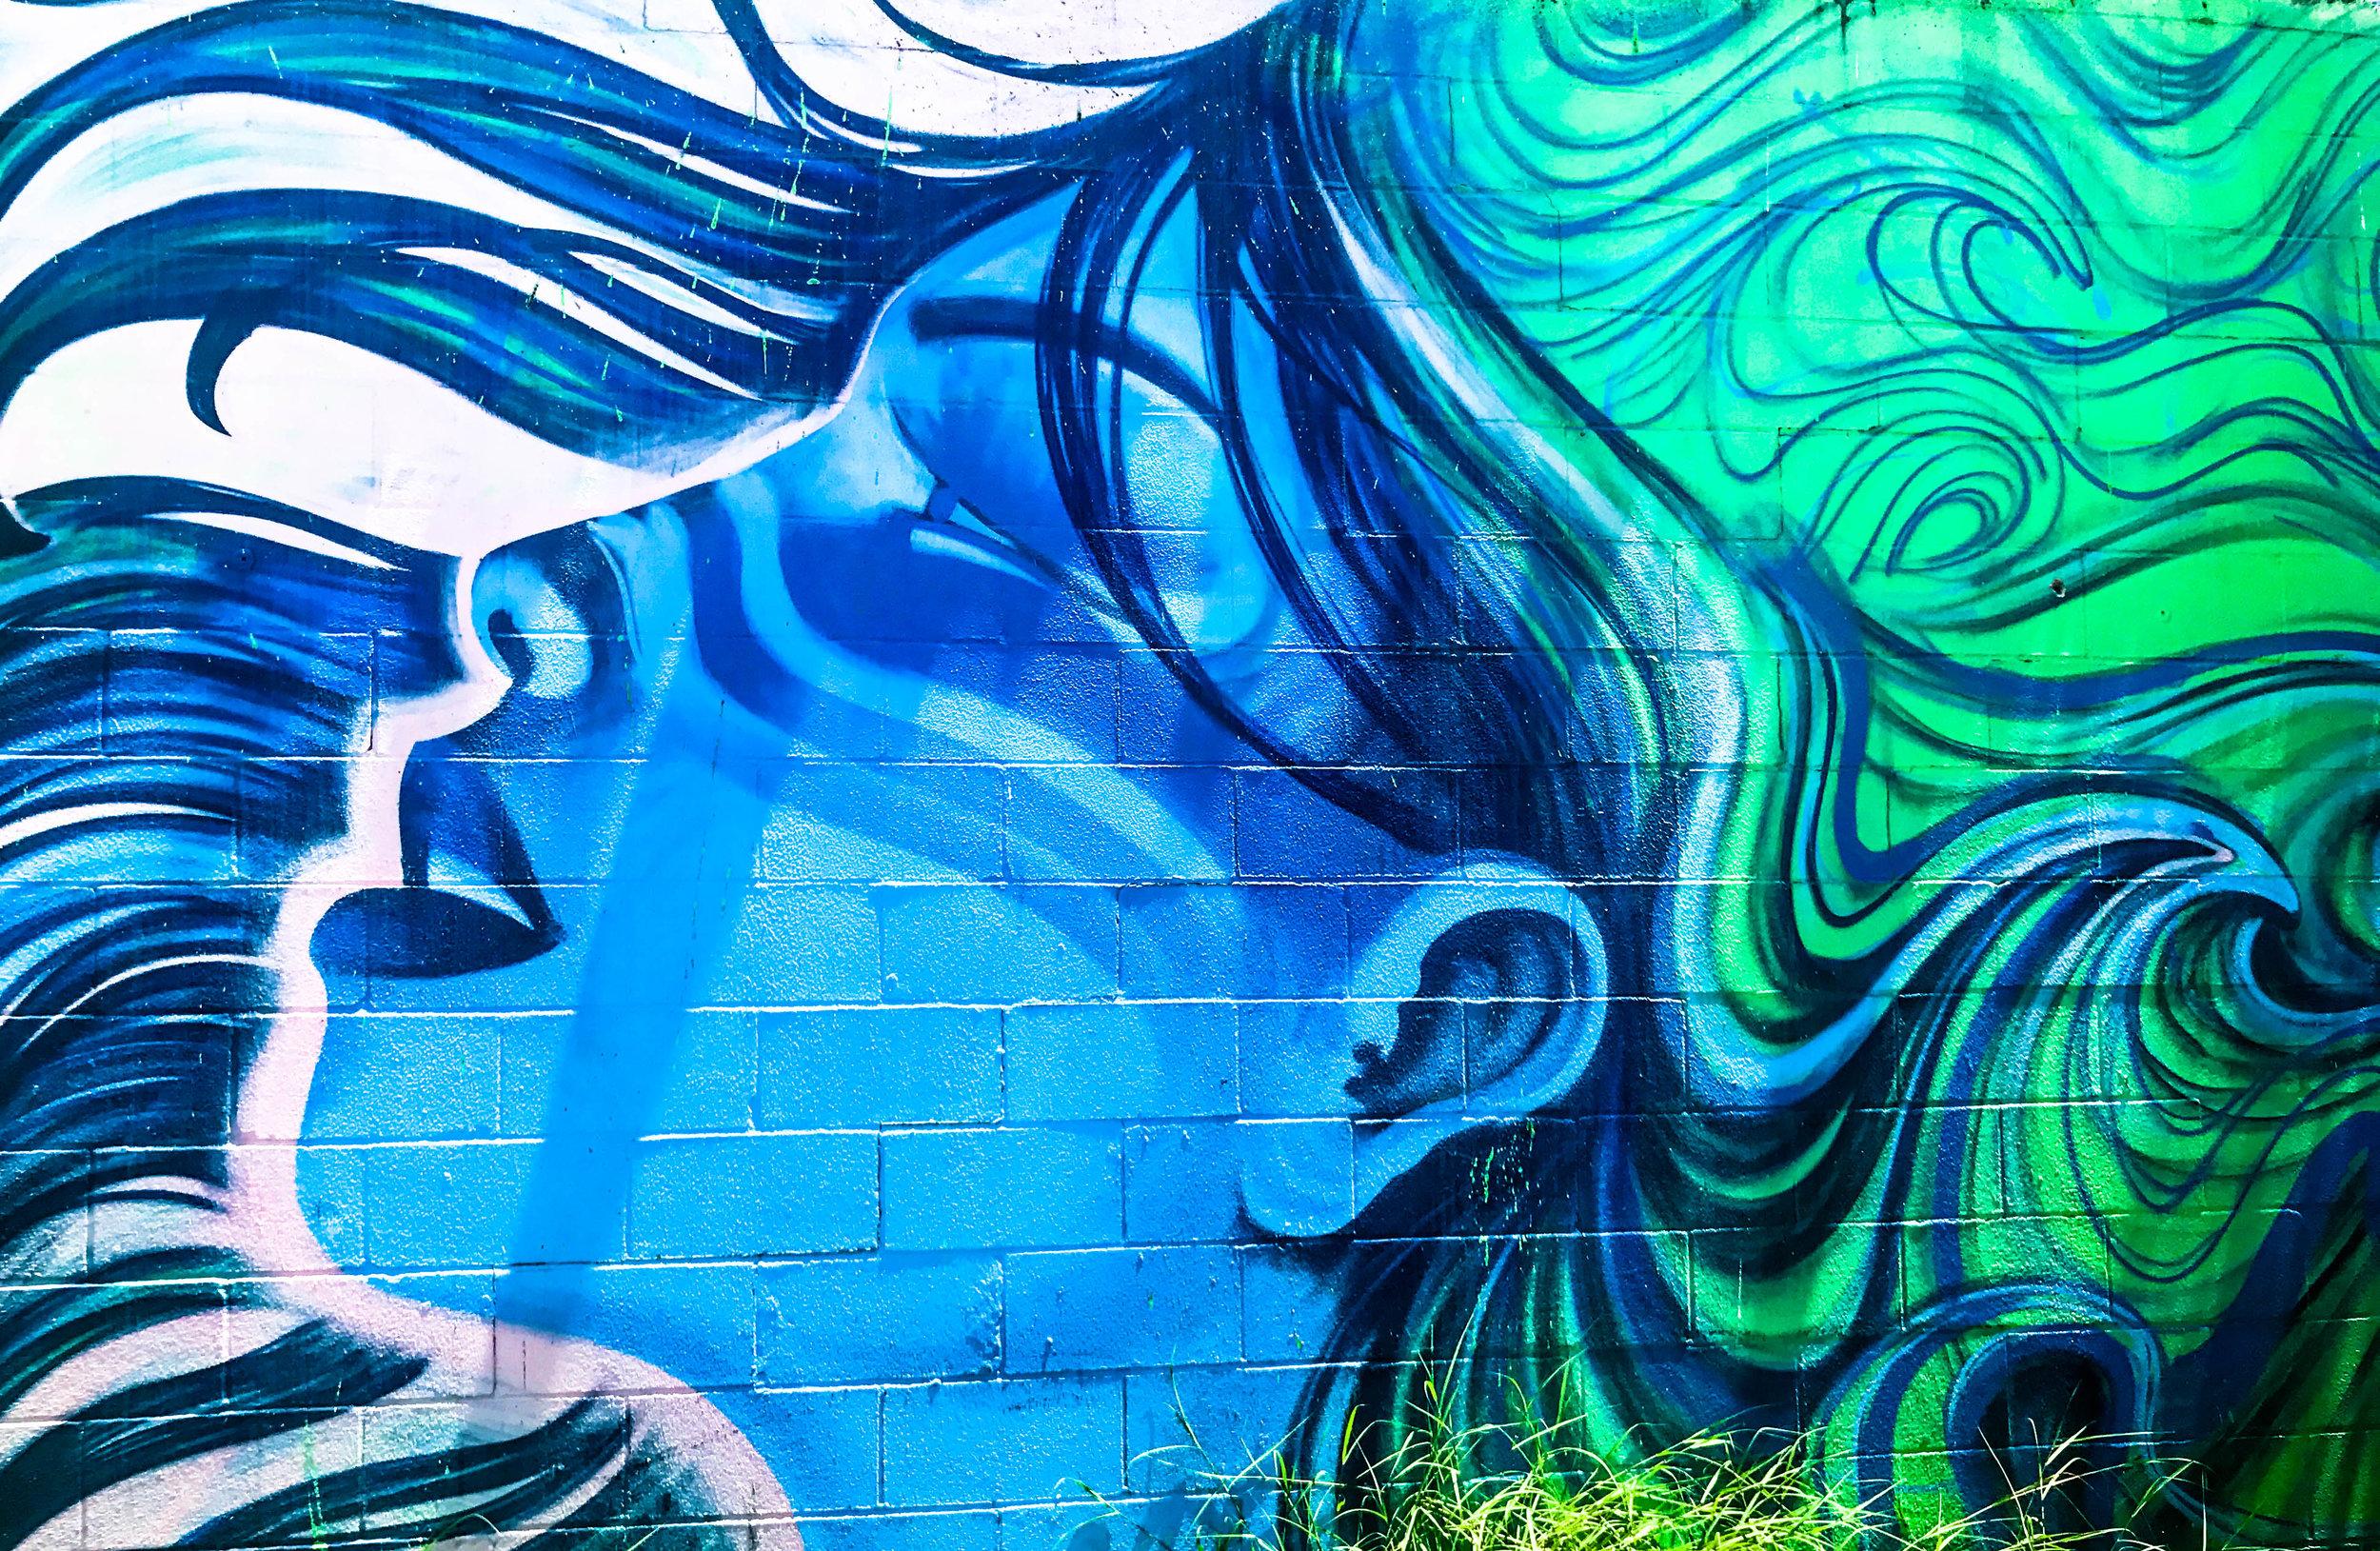 Mural of woman at Las Nieves in San Antonio (artist unknown)